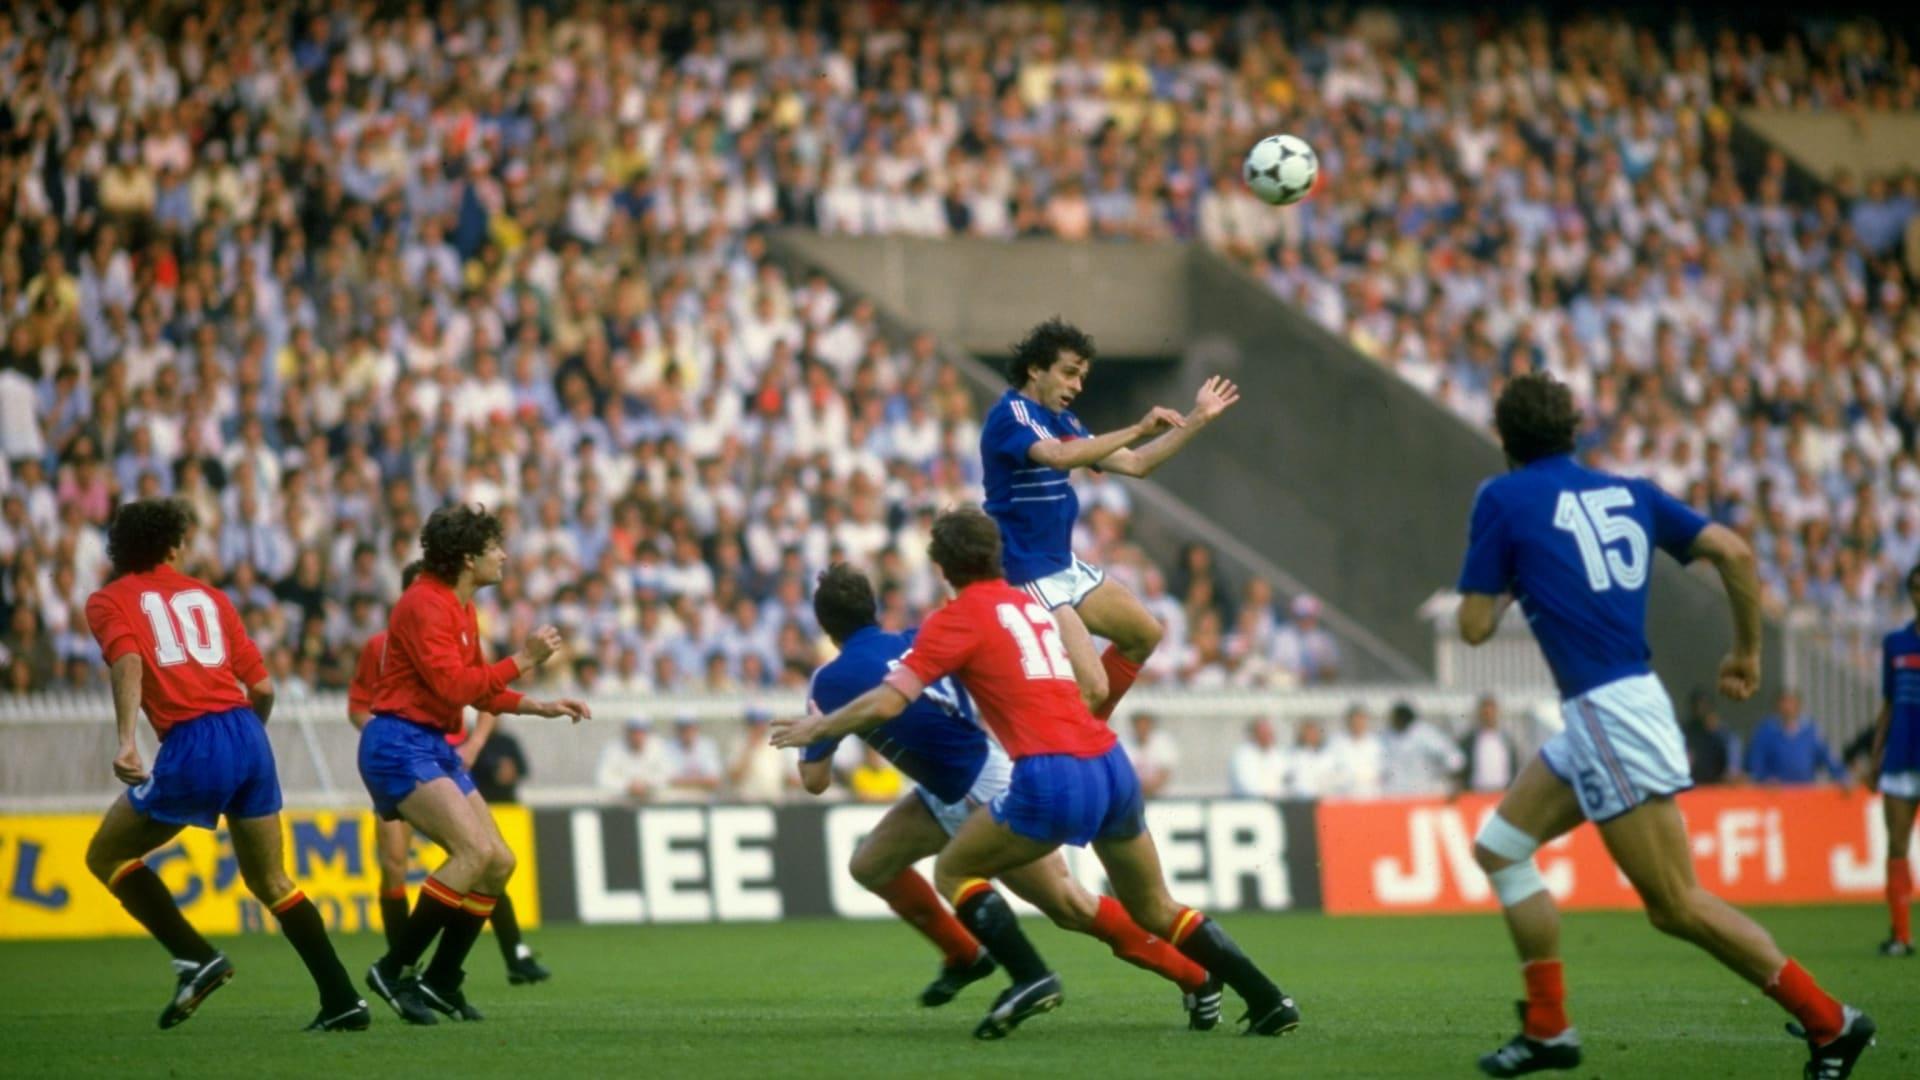 بالصور...حكاية اليورو: فرنسا تتوج بأول ألقابها الأوربية في عام 1984